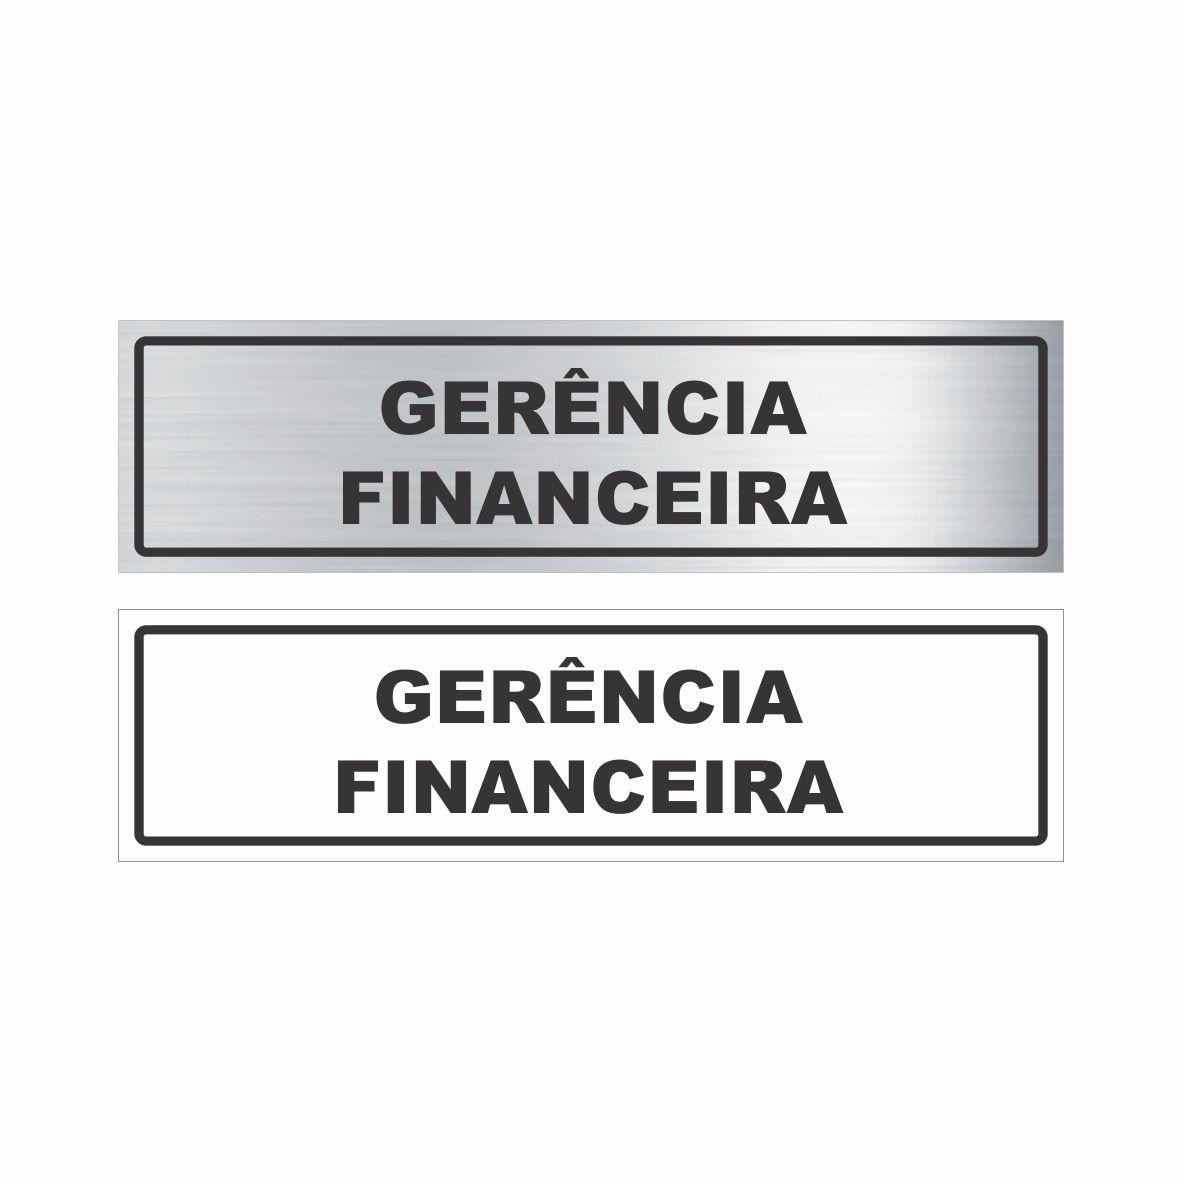 Gerência financeira  - Towbar Sinalização de Segurança